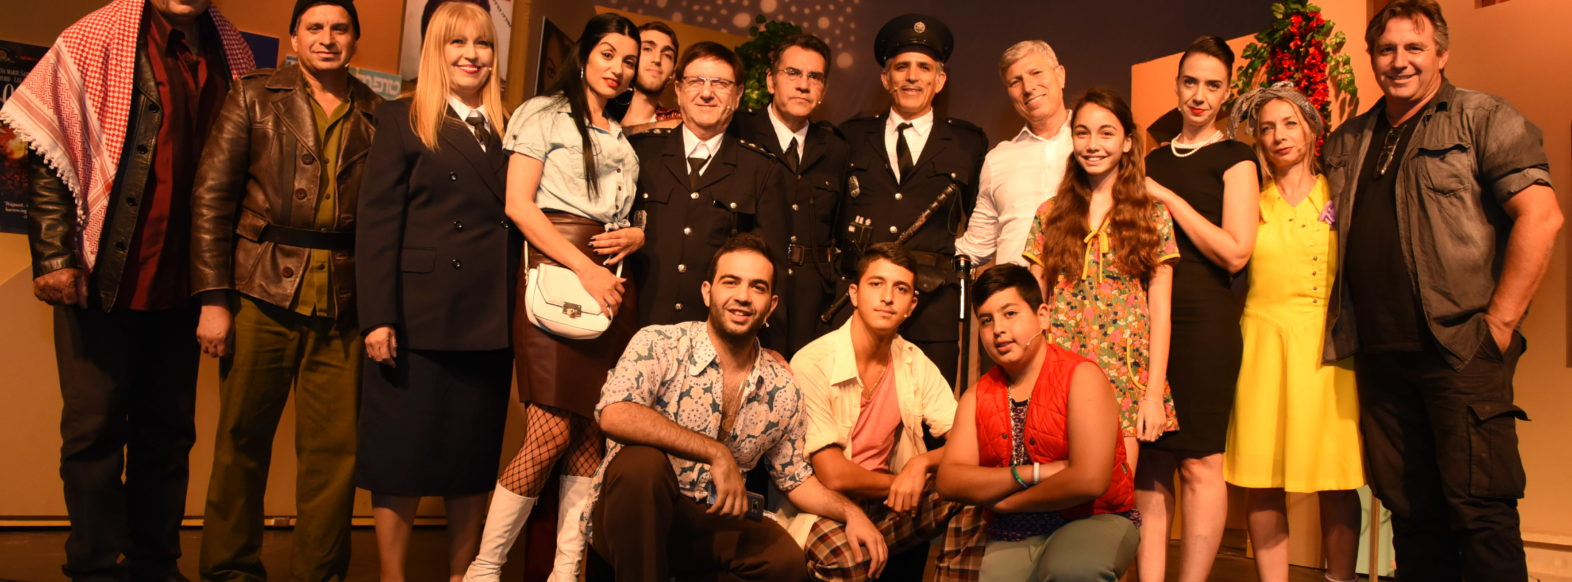 הפקת תיאטרון קהילתית בהשתתפות שחקנים תושבי העיר